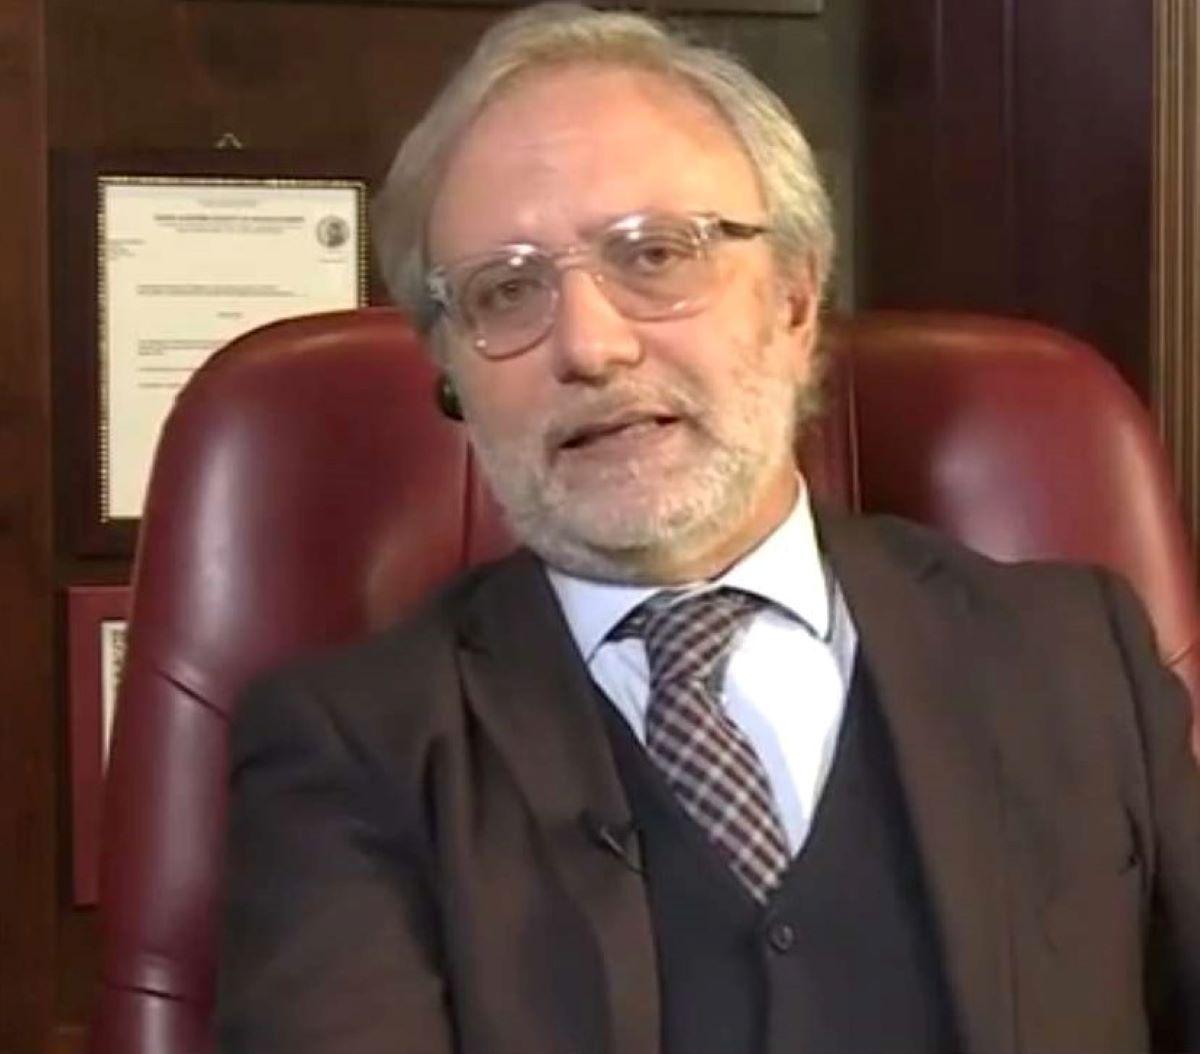 Denise Pipitone Procedimento Disciplinare Avvocato Giacomo Frazzitta Magistrati